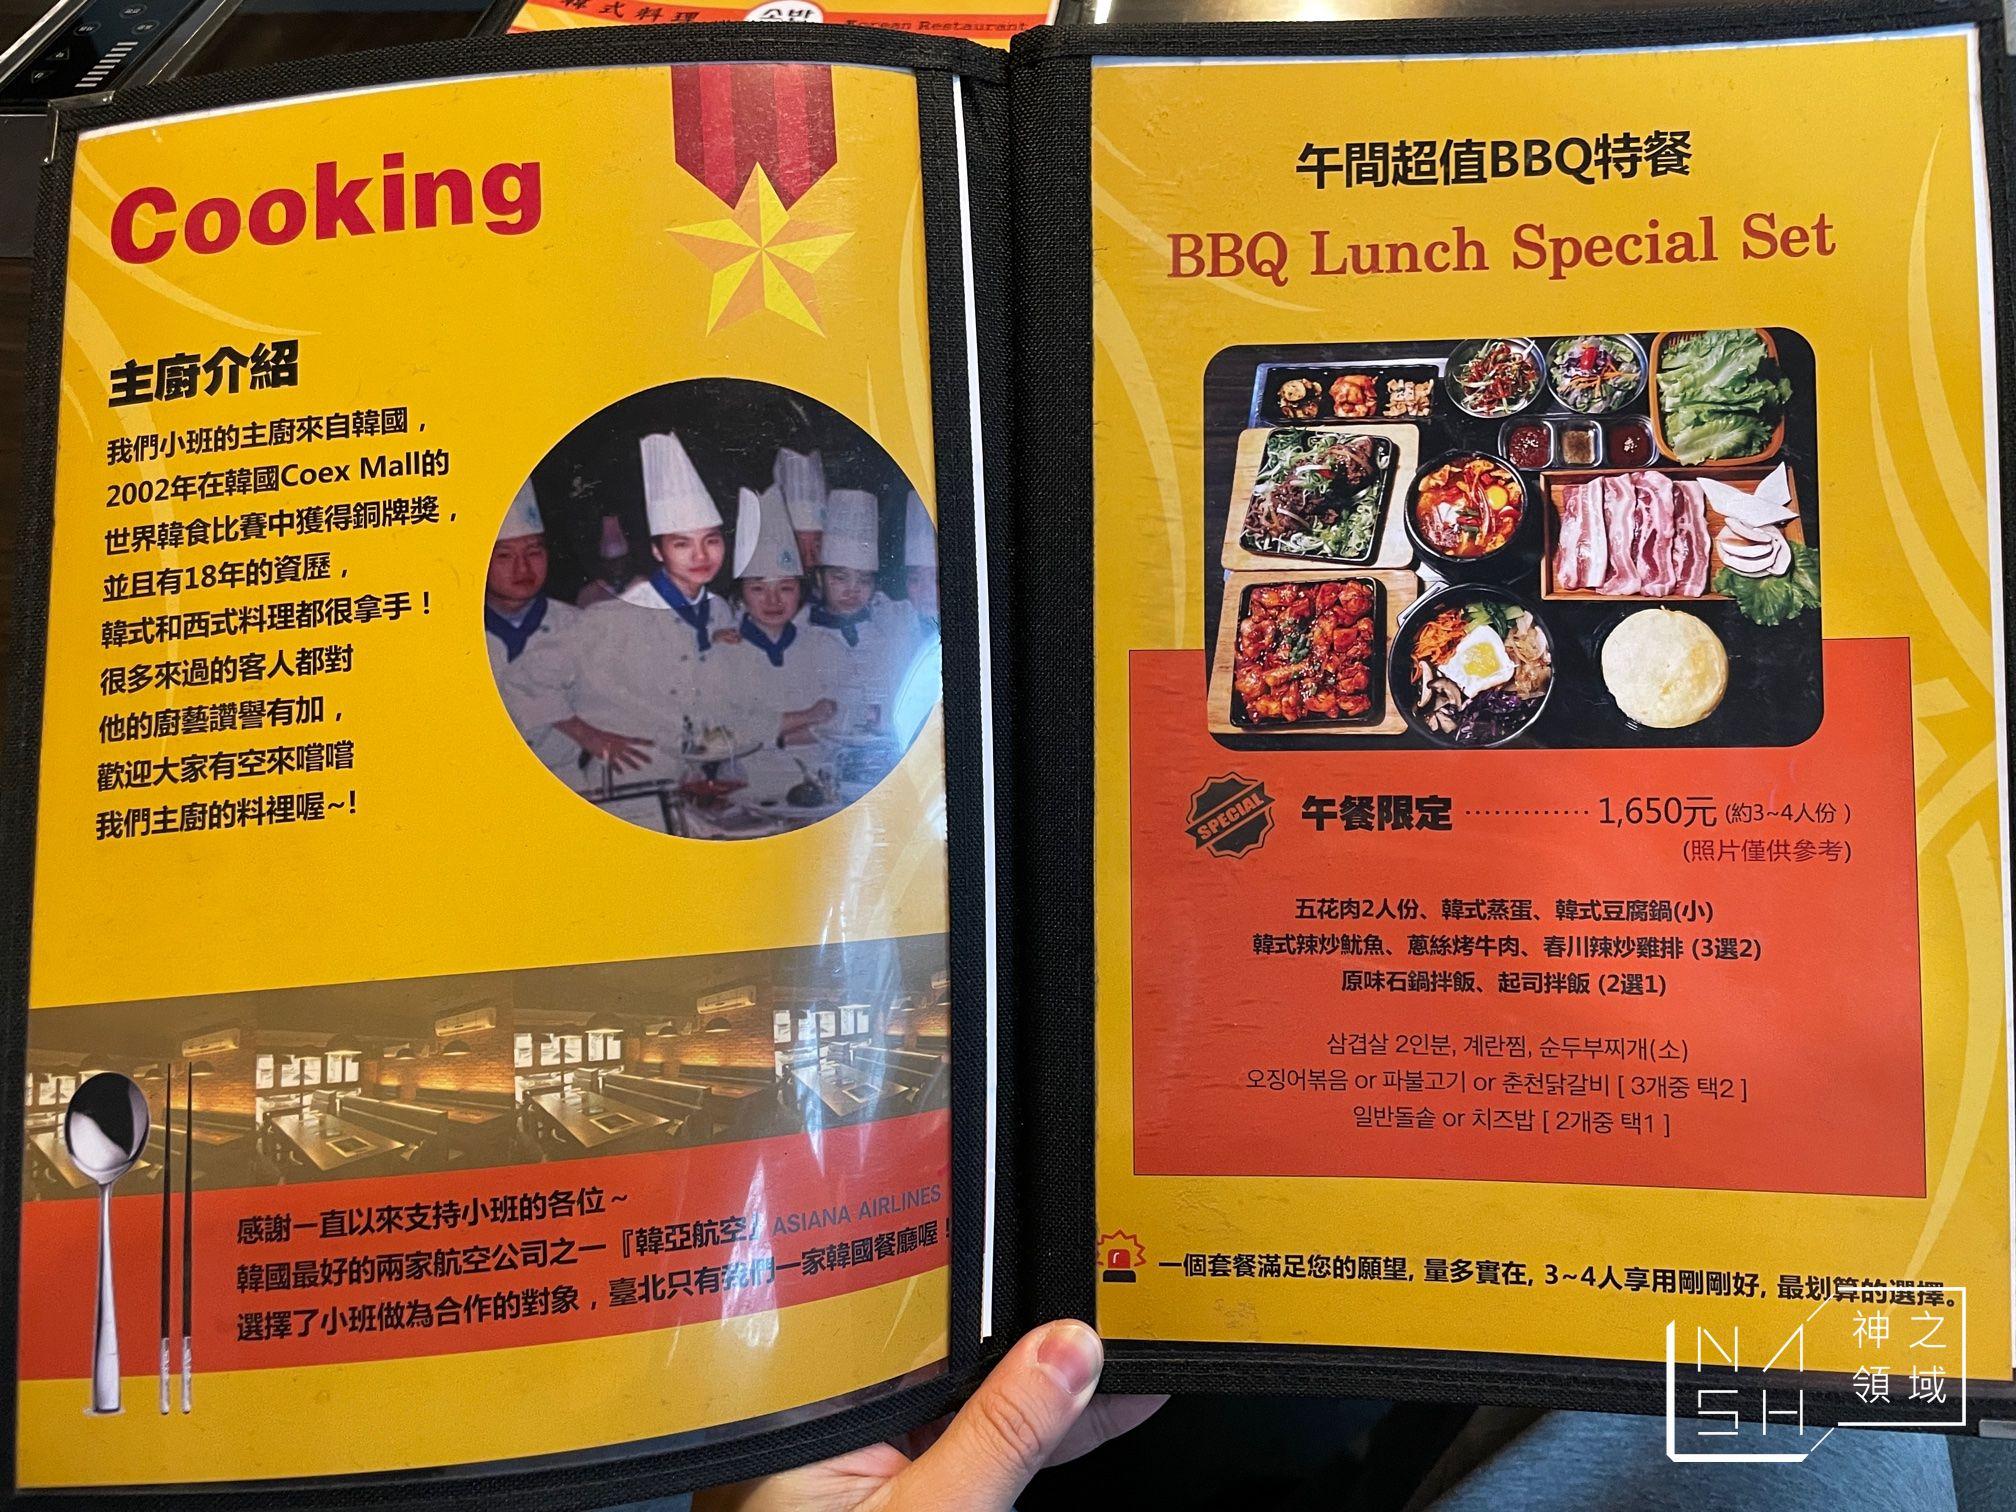 小班韓式料理,小班,台北韓式料理推薦,台北韓式料理